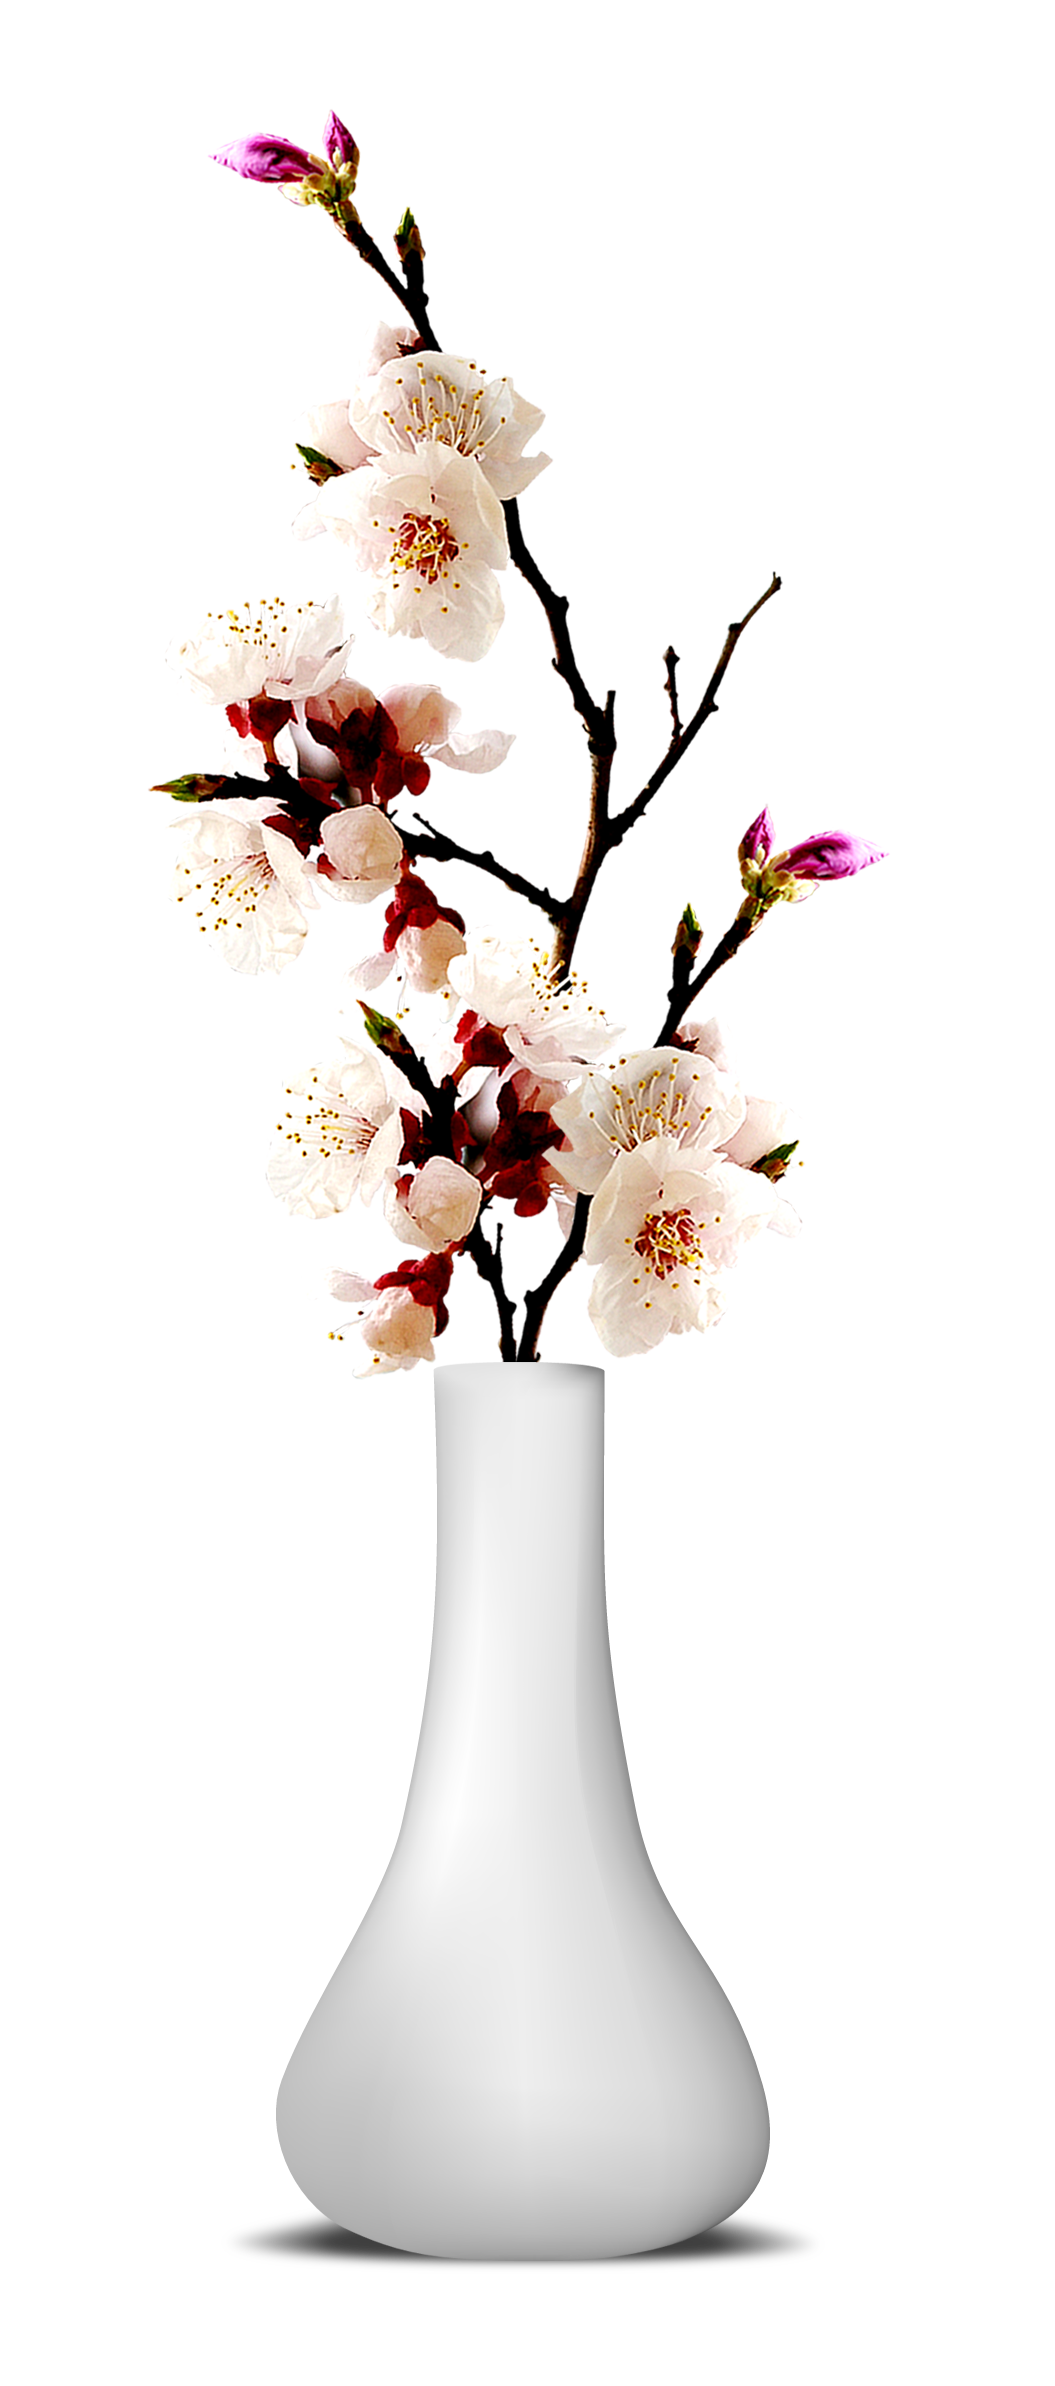 Flower Vase PNG Transparent Image.